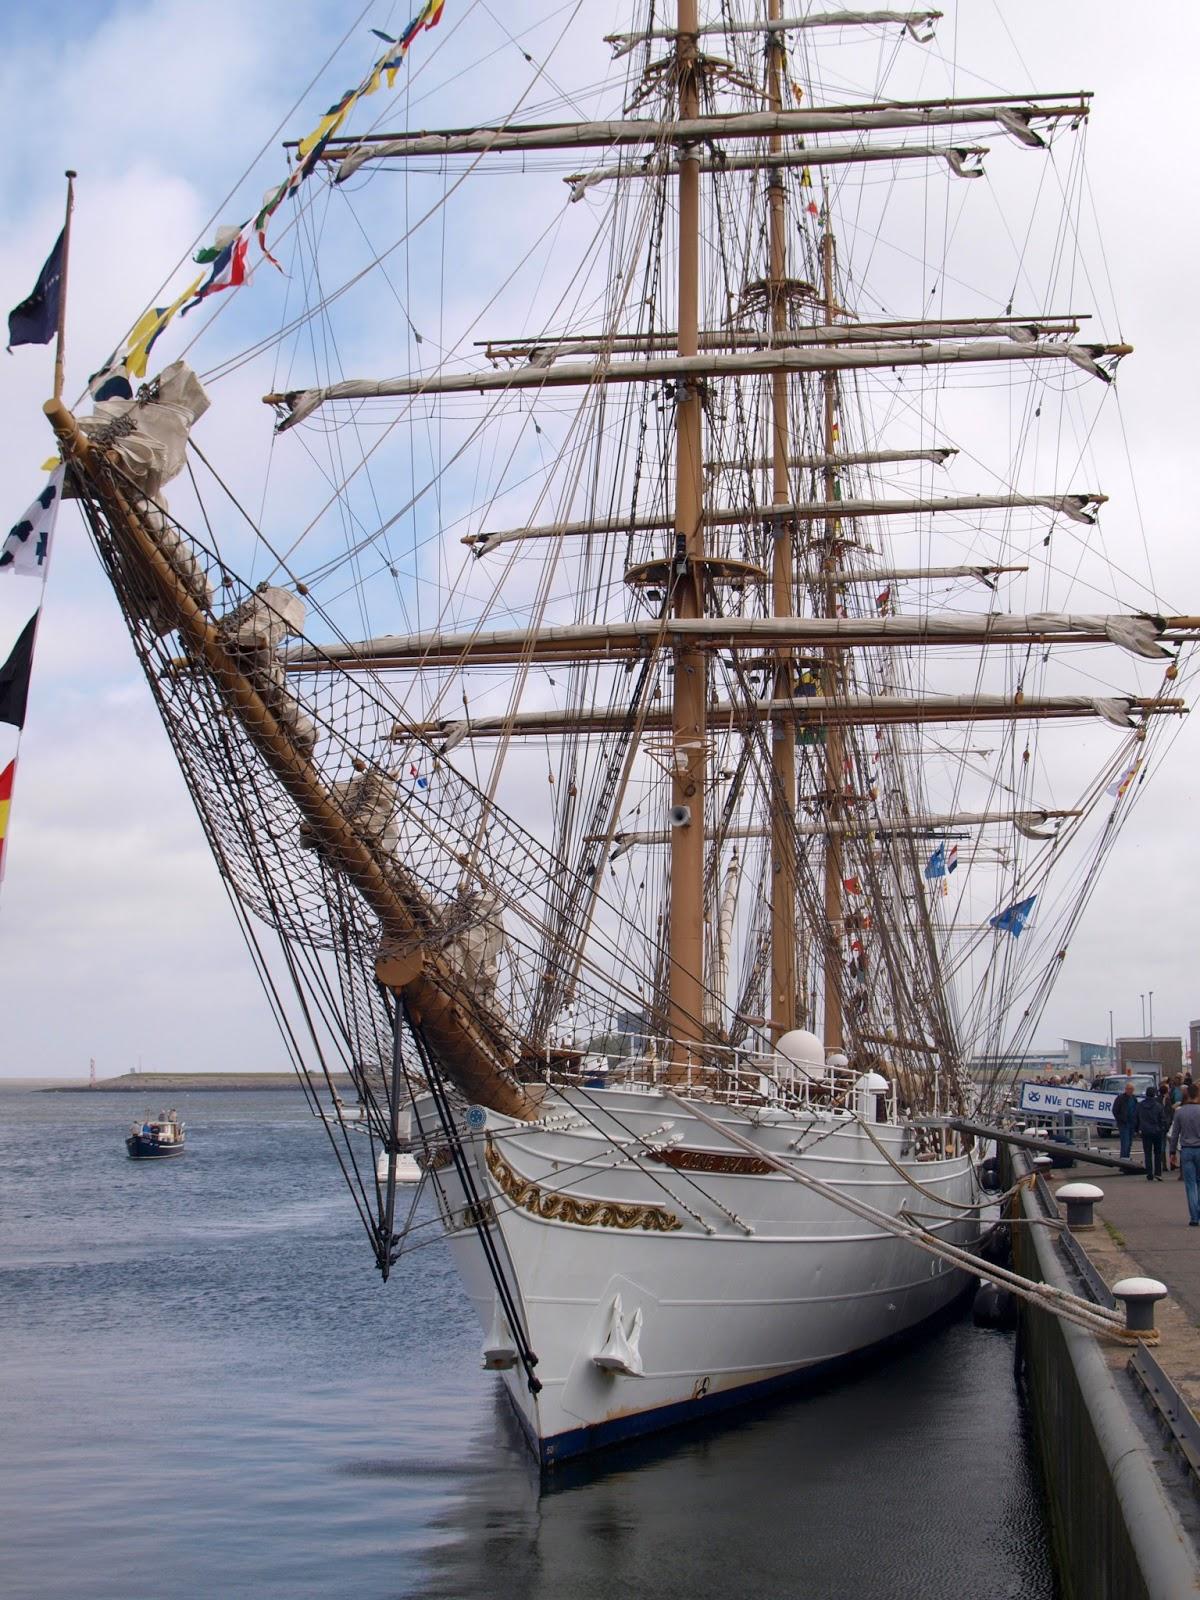 schip de beagle